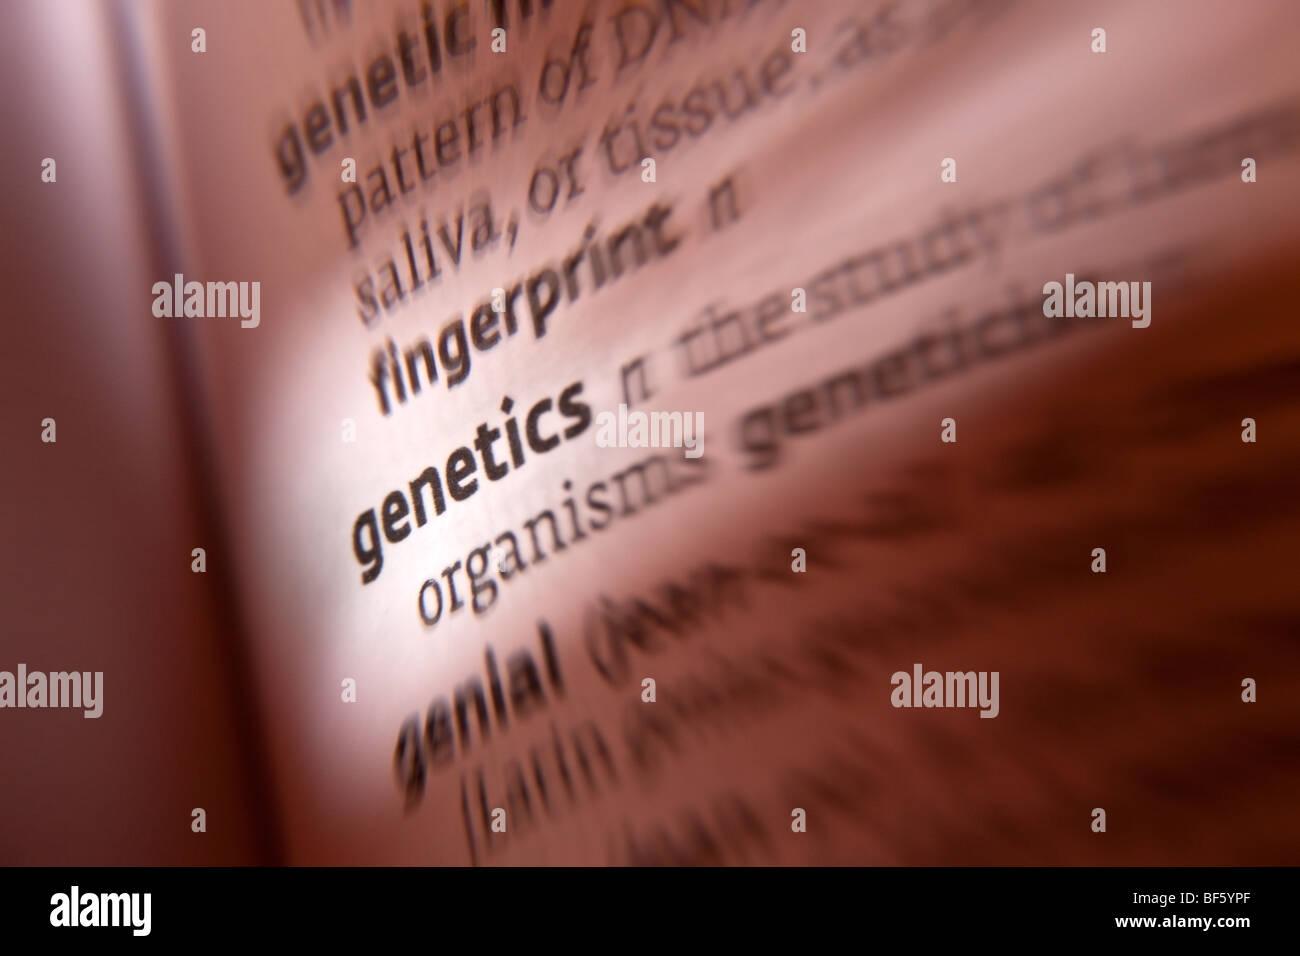 Genetics - Stock Image